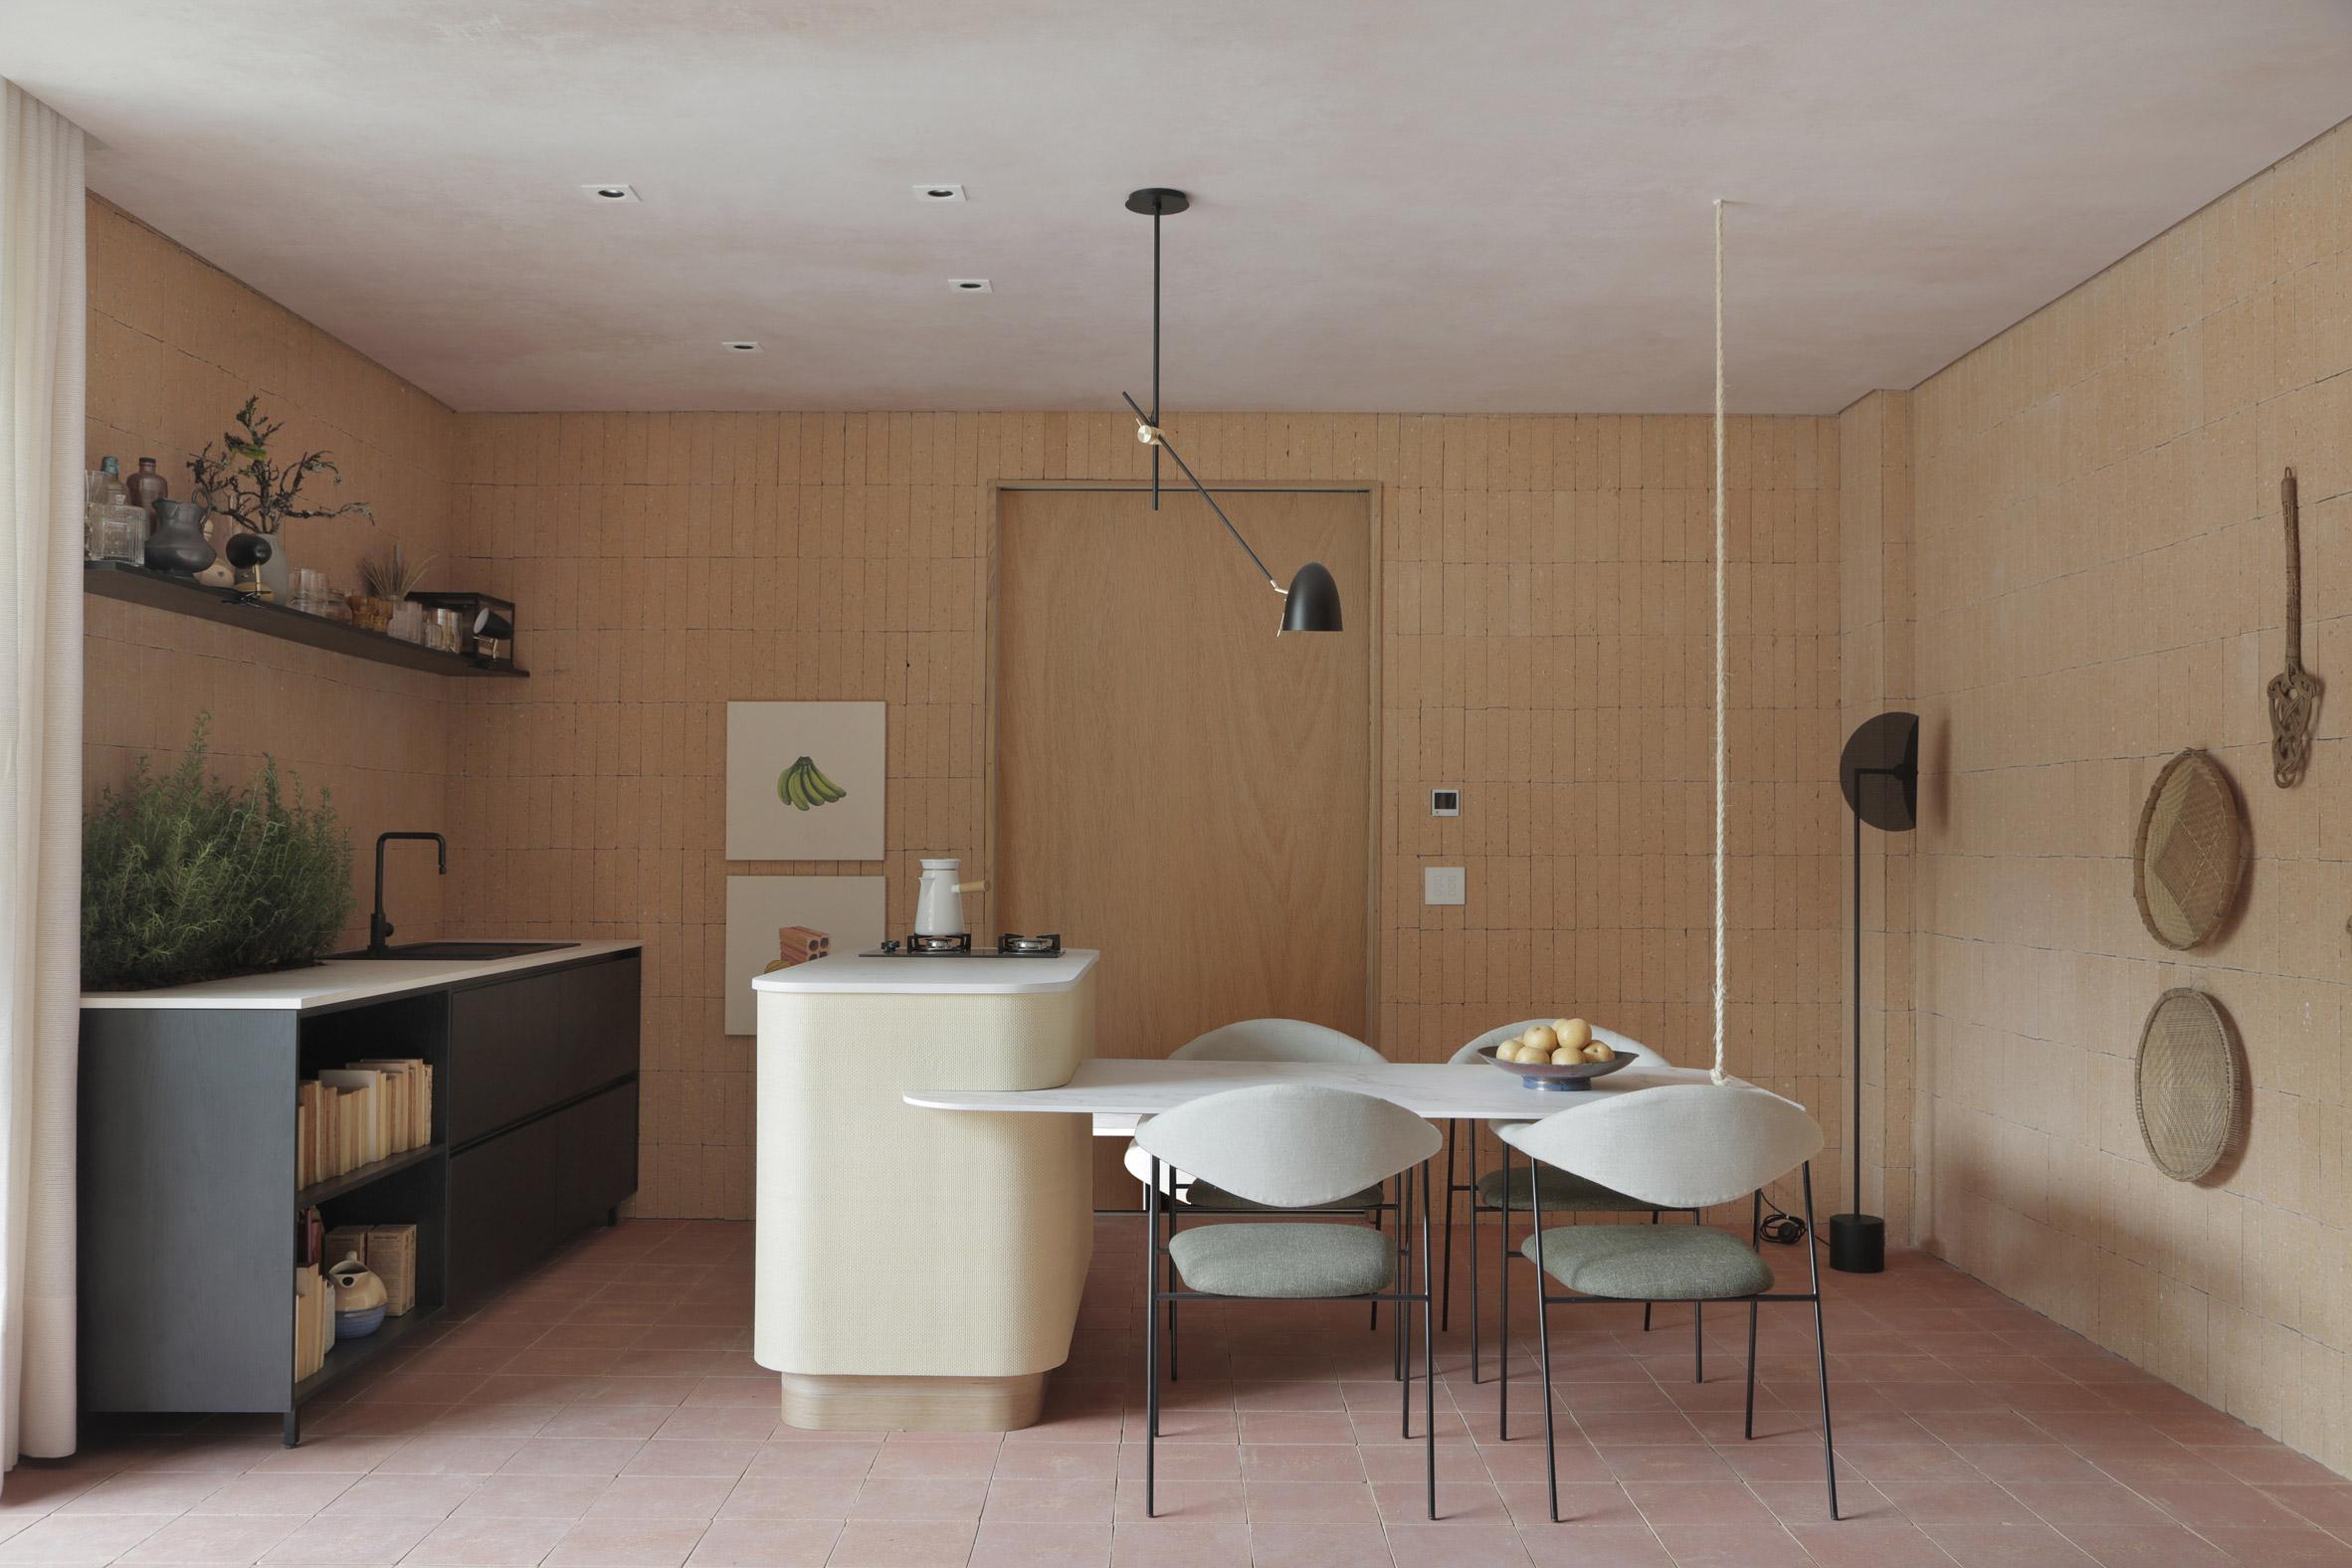 Thiết kế nội thất căn hộ 56m2 2 phòng ngủ 1